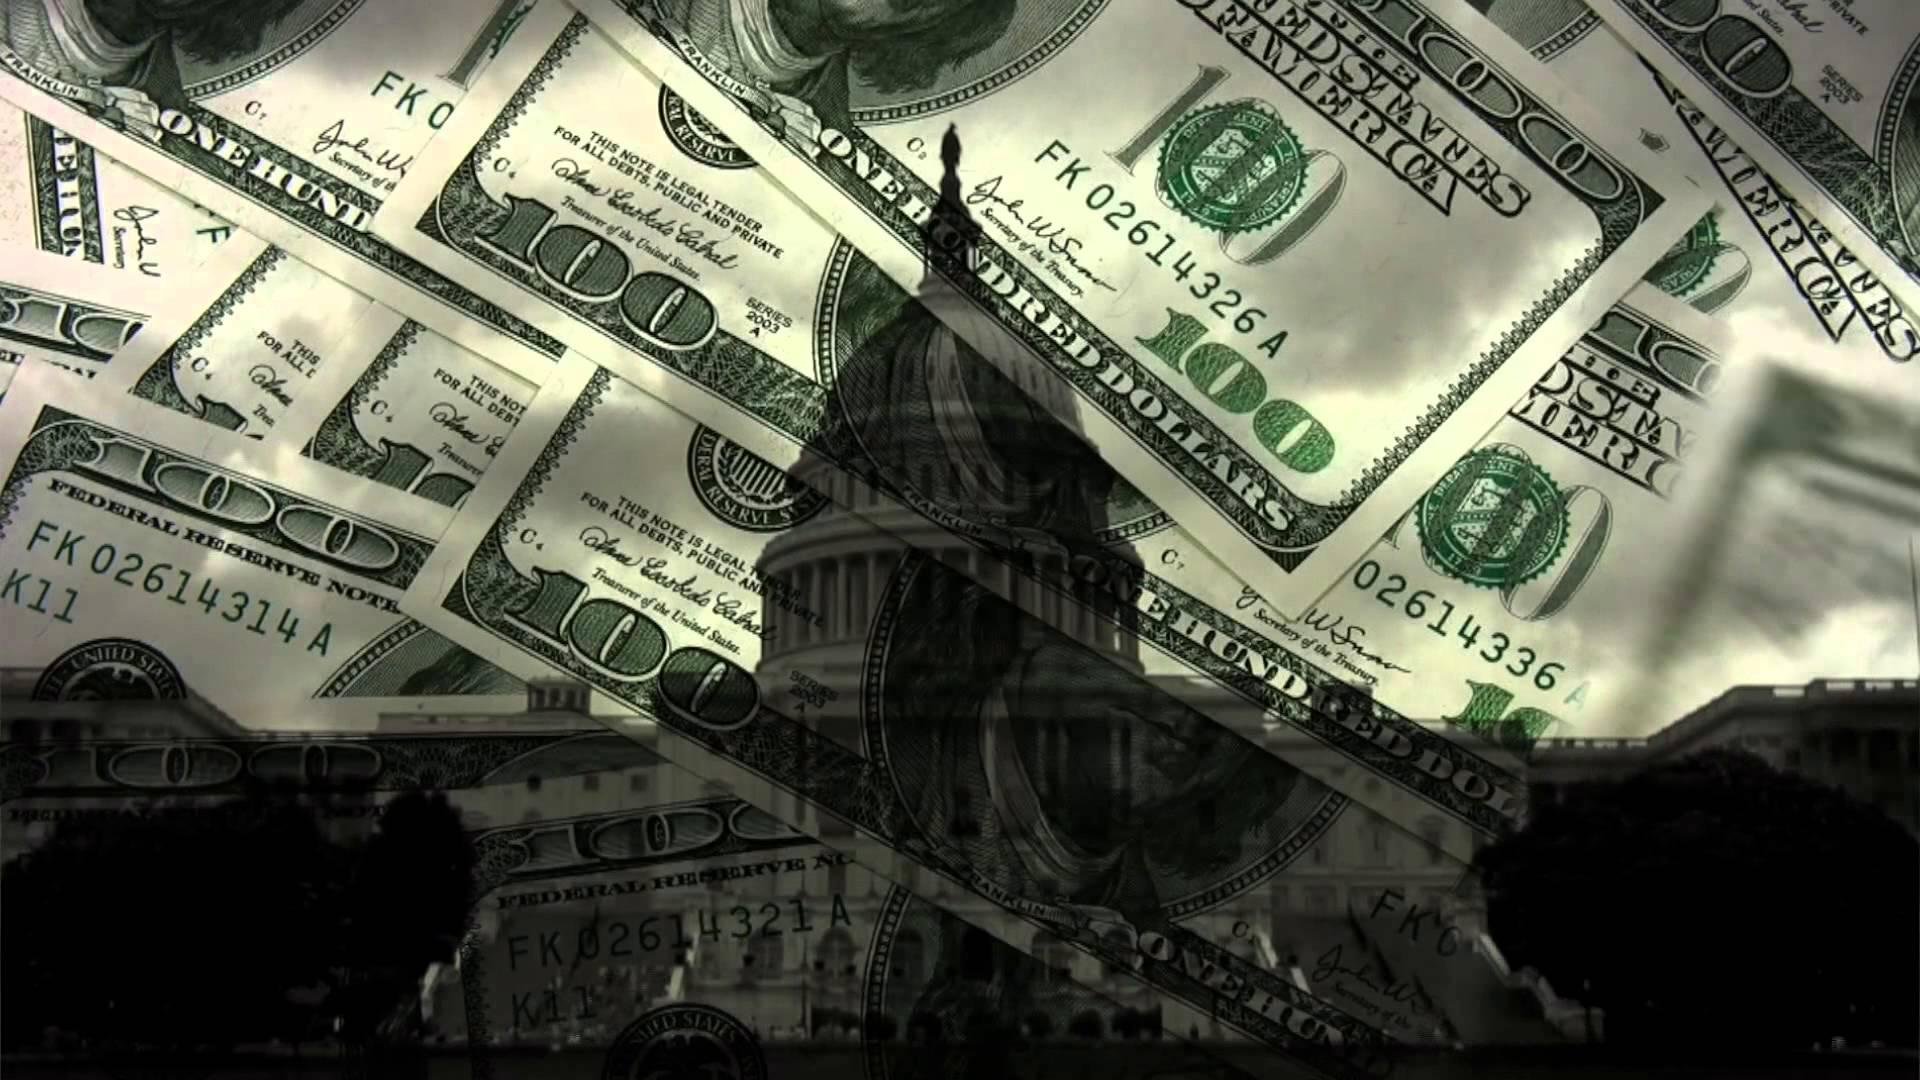 美國或將沒收私人黃金, 中國將要為持有美債而向美國付款? 有新變化-圖2